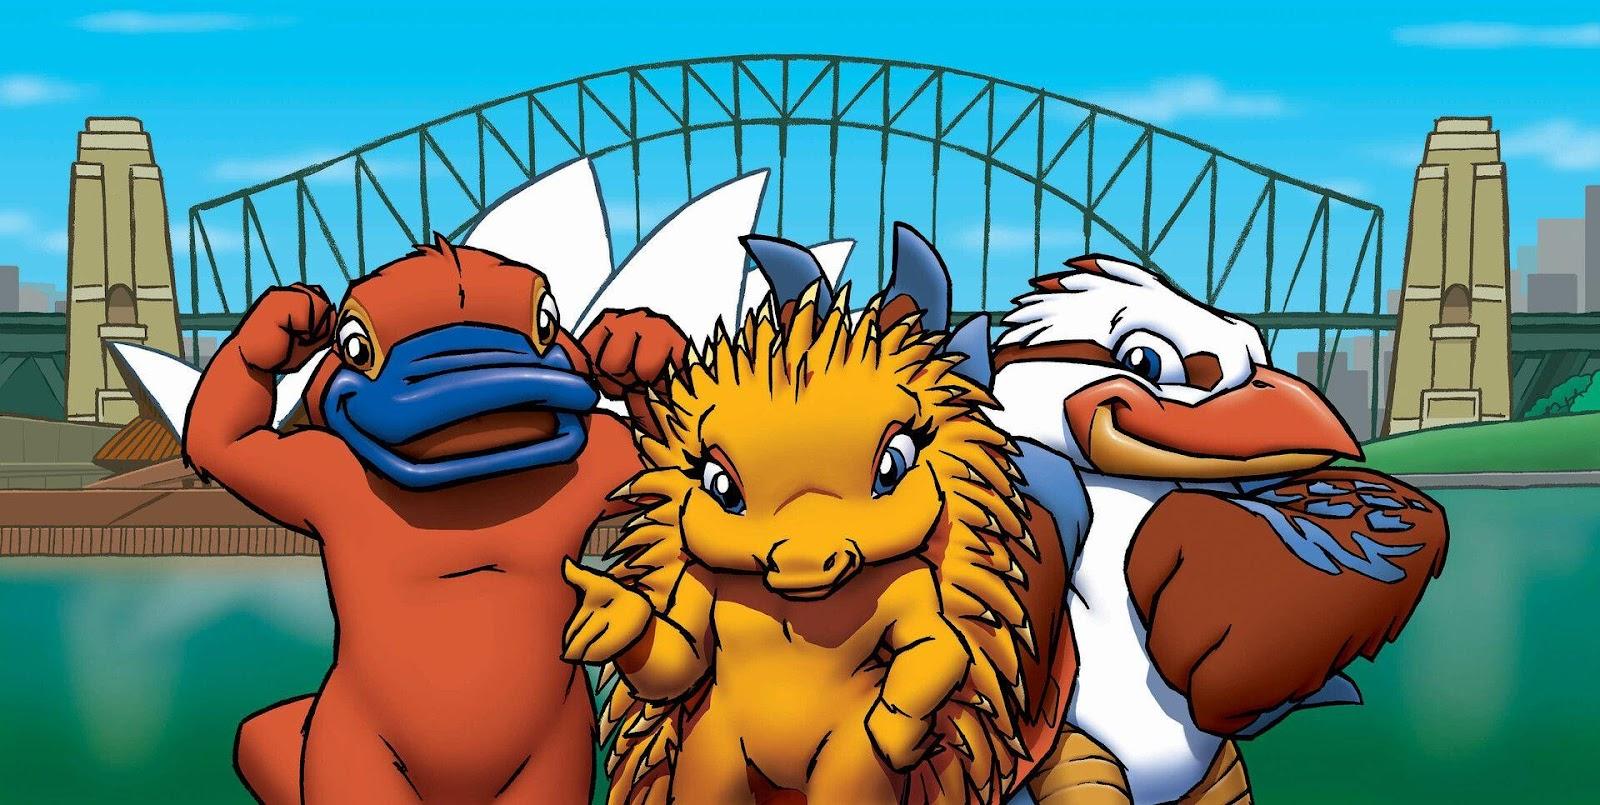 Sydney Olympics 2000 - mascots   Parramatta History and Heritage